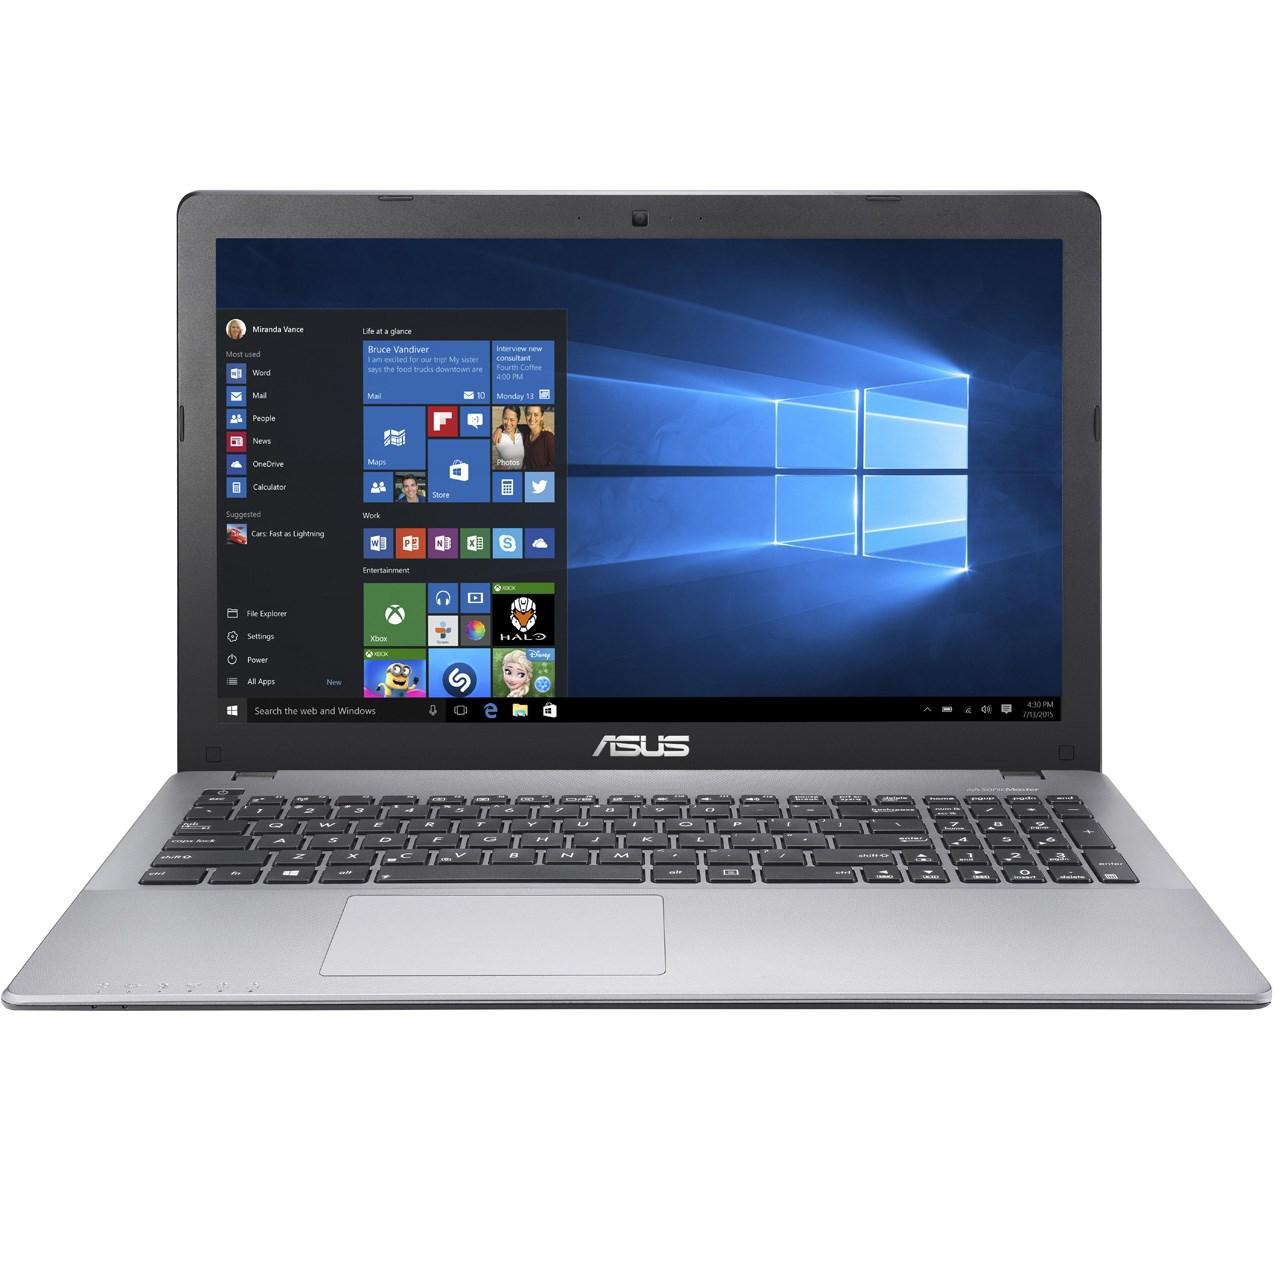 لپ تاپ 15 اینچی ایسوس مدل X550VQ - E